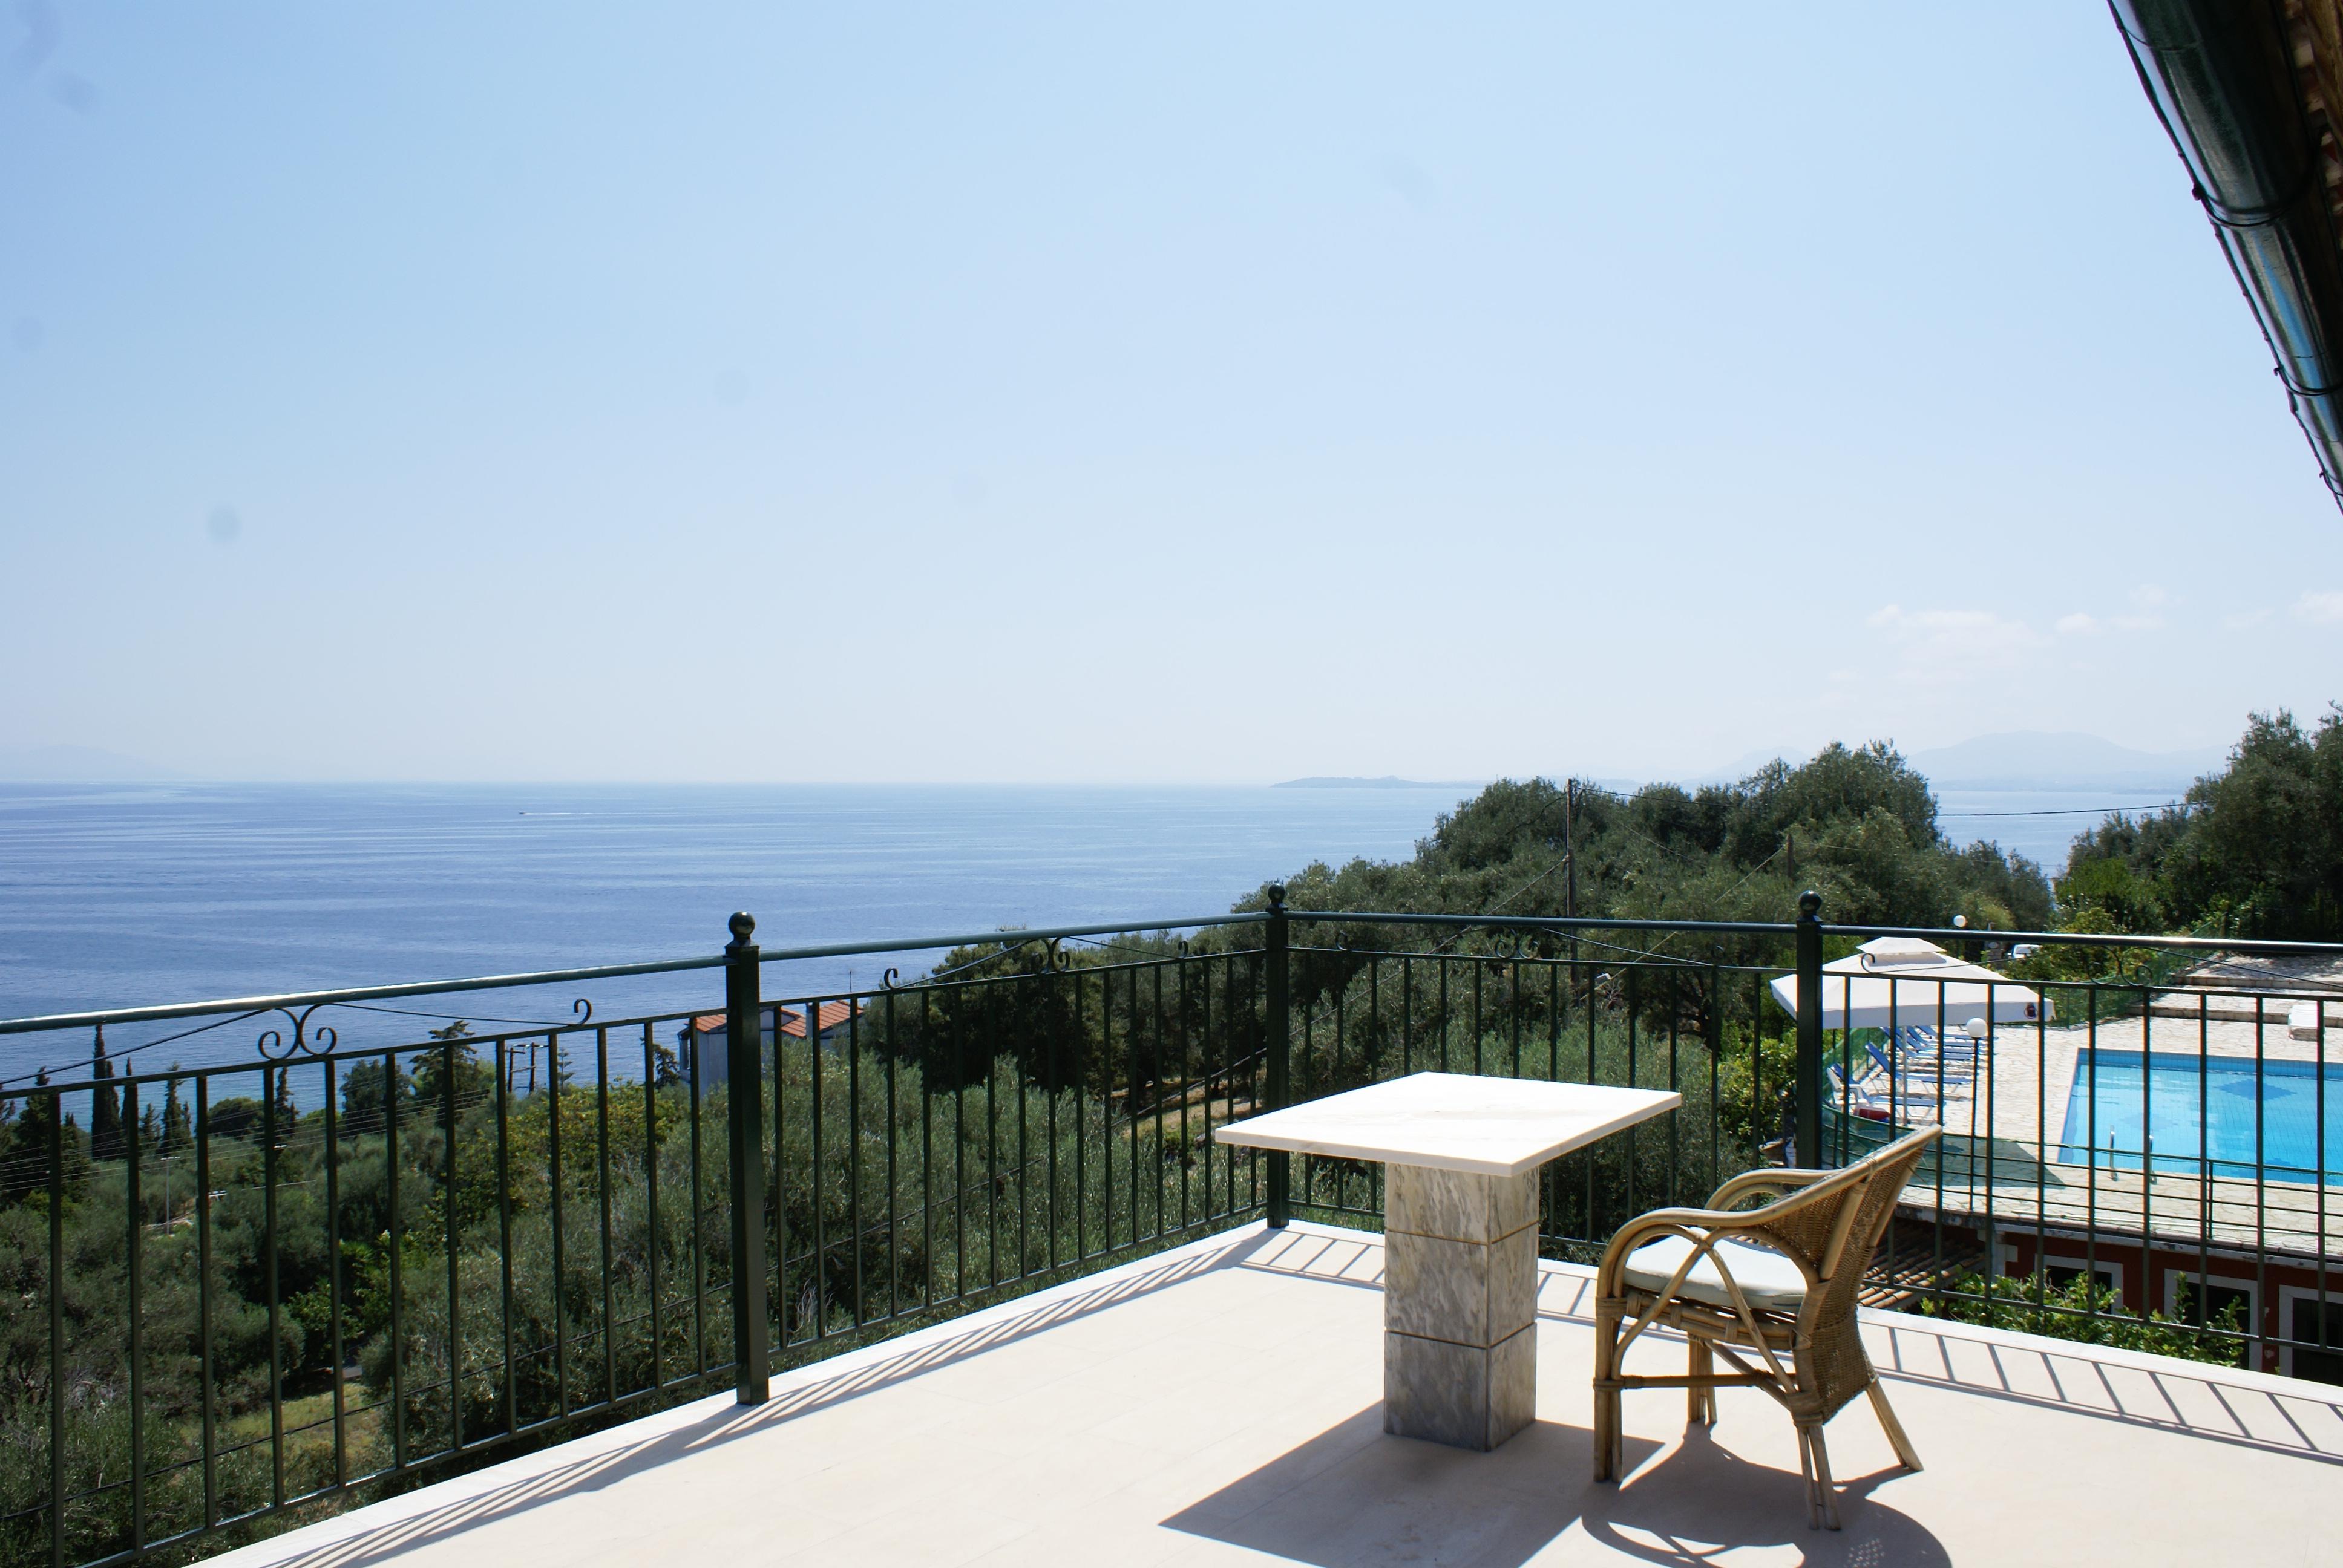 Blick - Balkon - Korfu Ferienhaus Villa Adonis mit Pool, Nissaki, KorfuCorfu.de